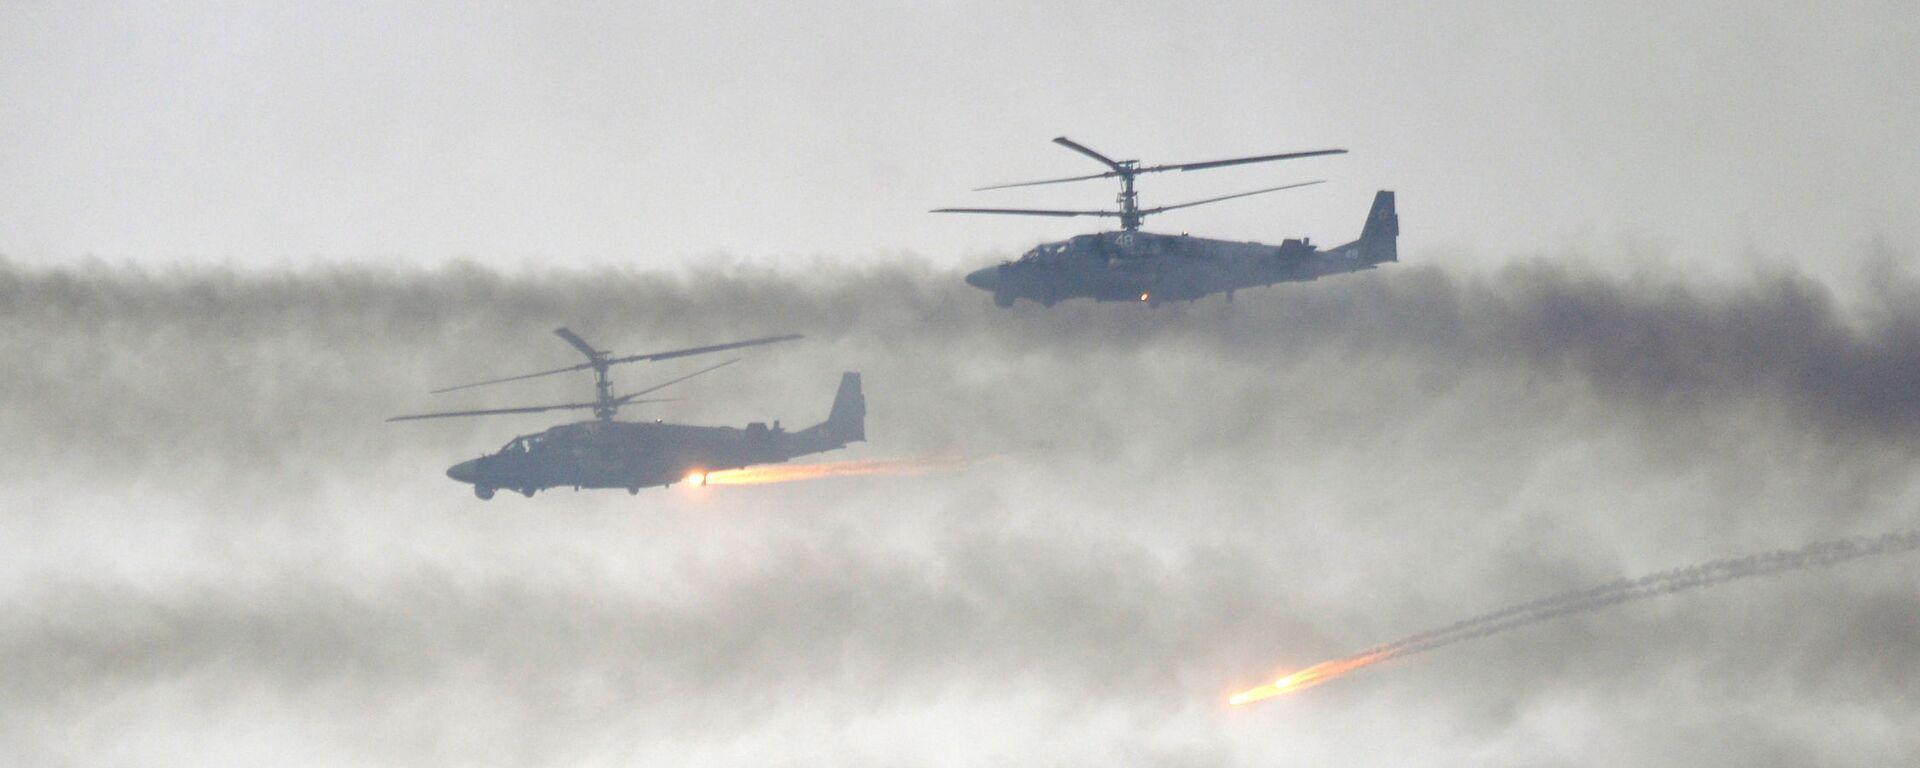 Rosyjsko-białoruskie ćwiczenia wojskowe Zapad 2017 w obwodzie mińskim - Sputnik Polska, 1920, 17.09.2021